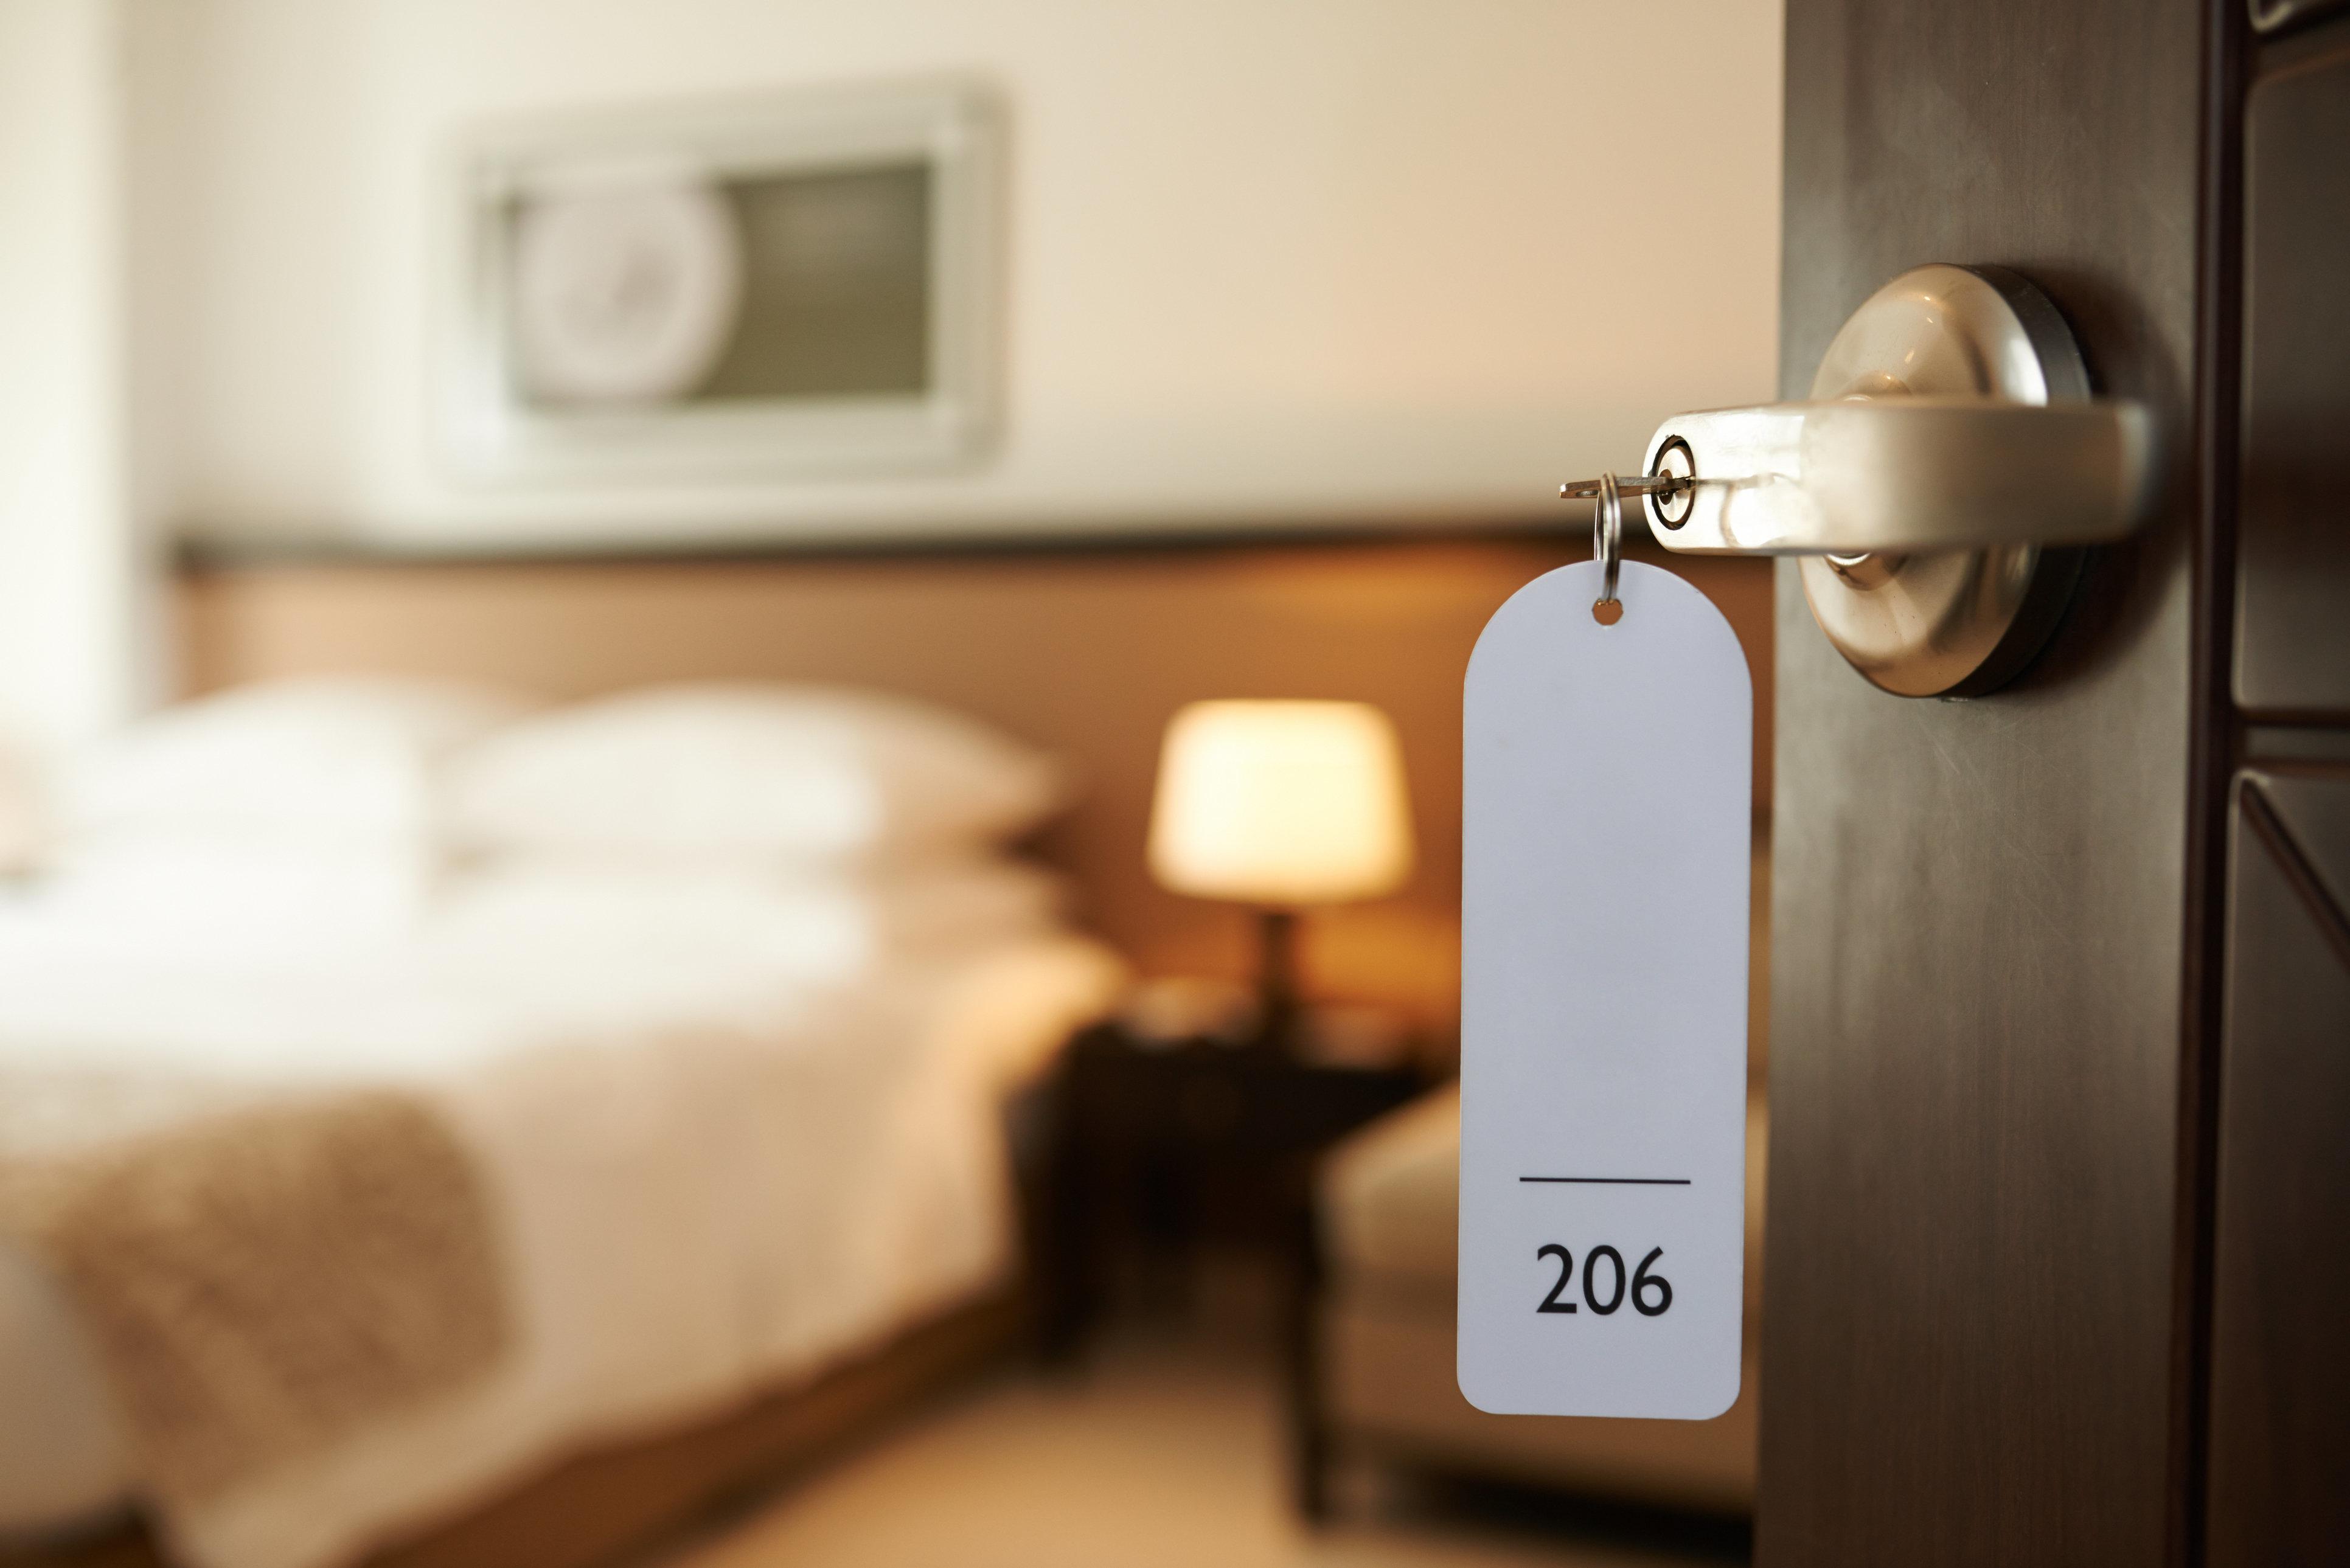 7 Brilliant Hotel Room Hacks That'll Make Anywhere Feel Like